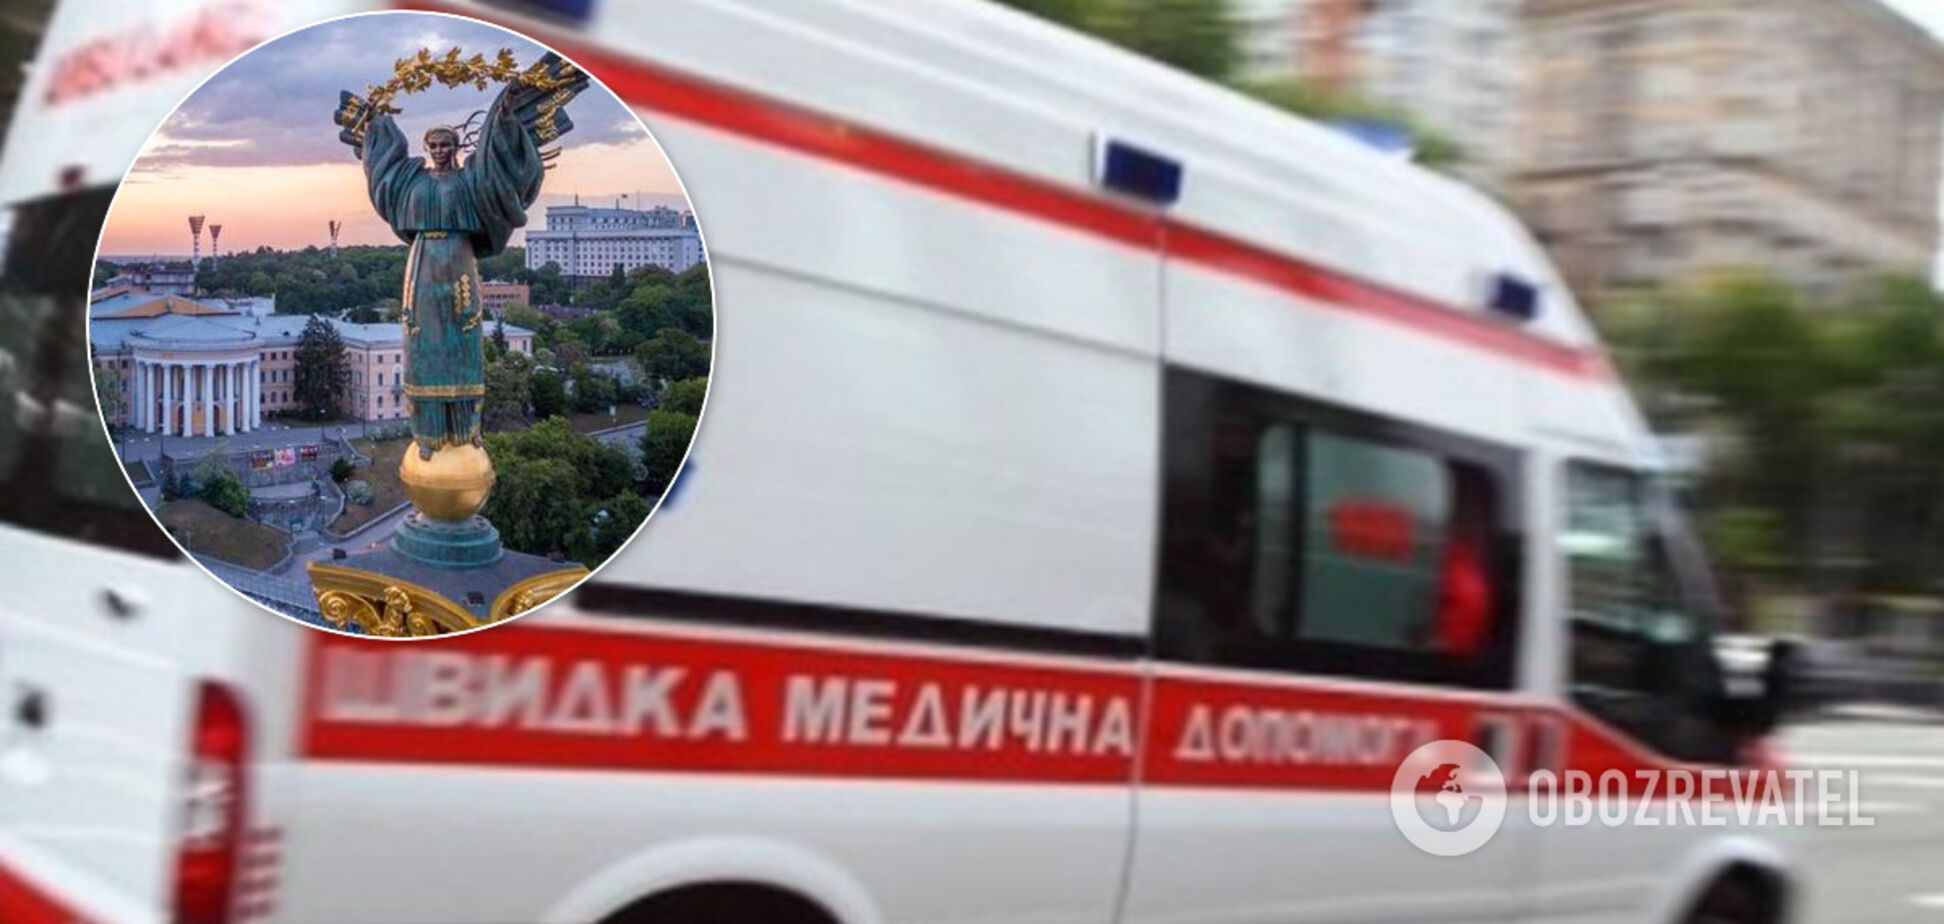 В Киеве в поликлинике умер мужчина. Иллюстрация